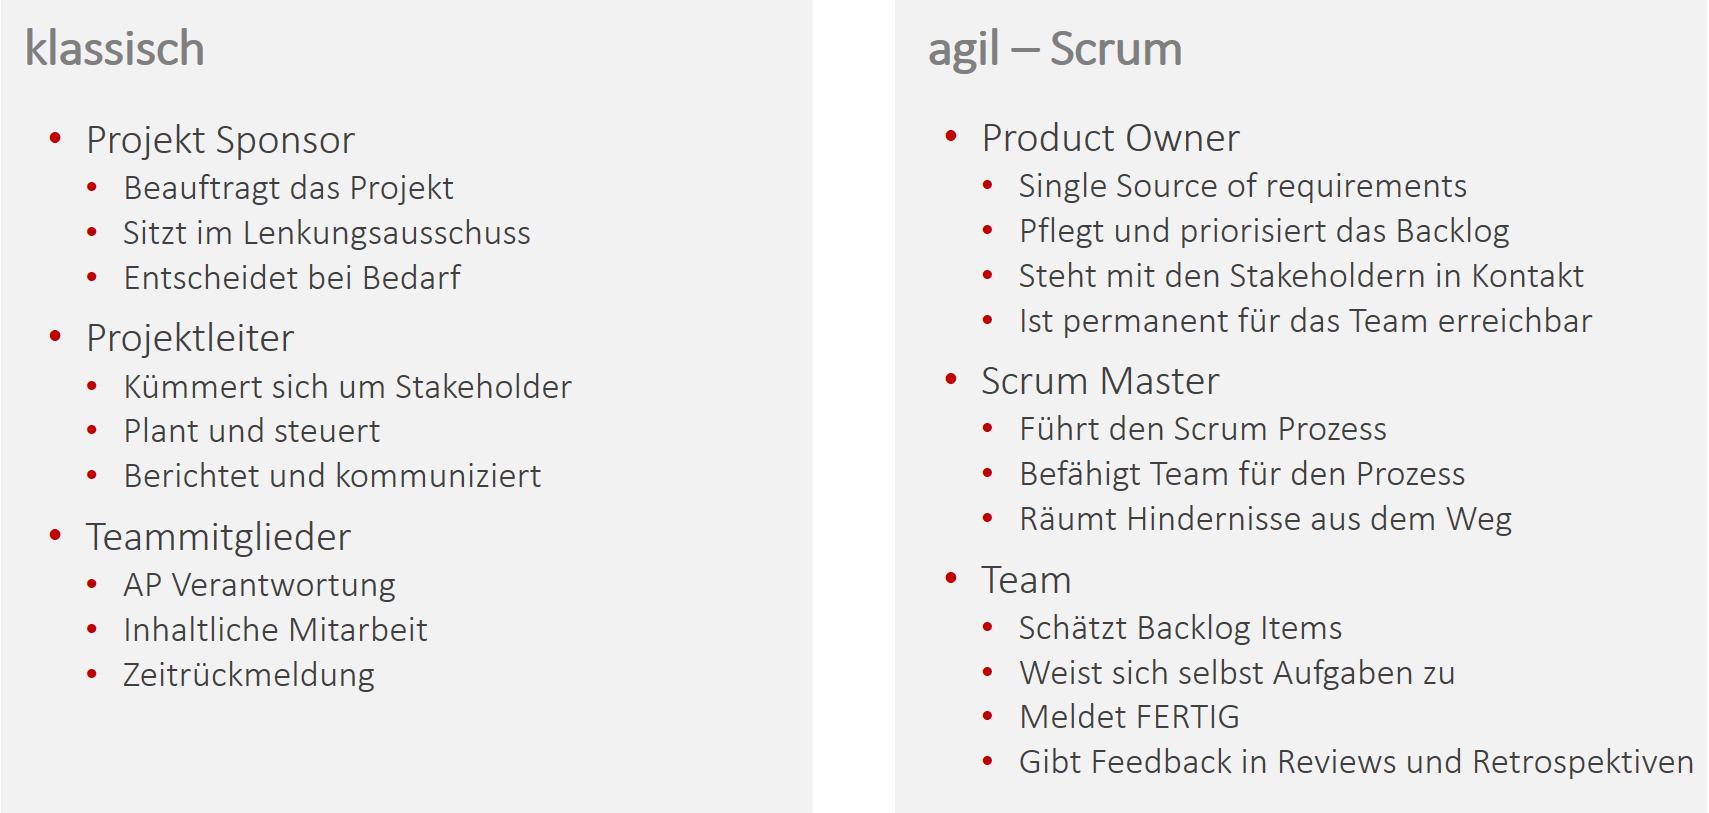 agiles Projektmanagement, klassisches oder hybrides